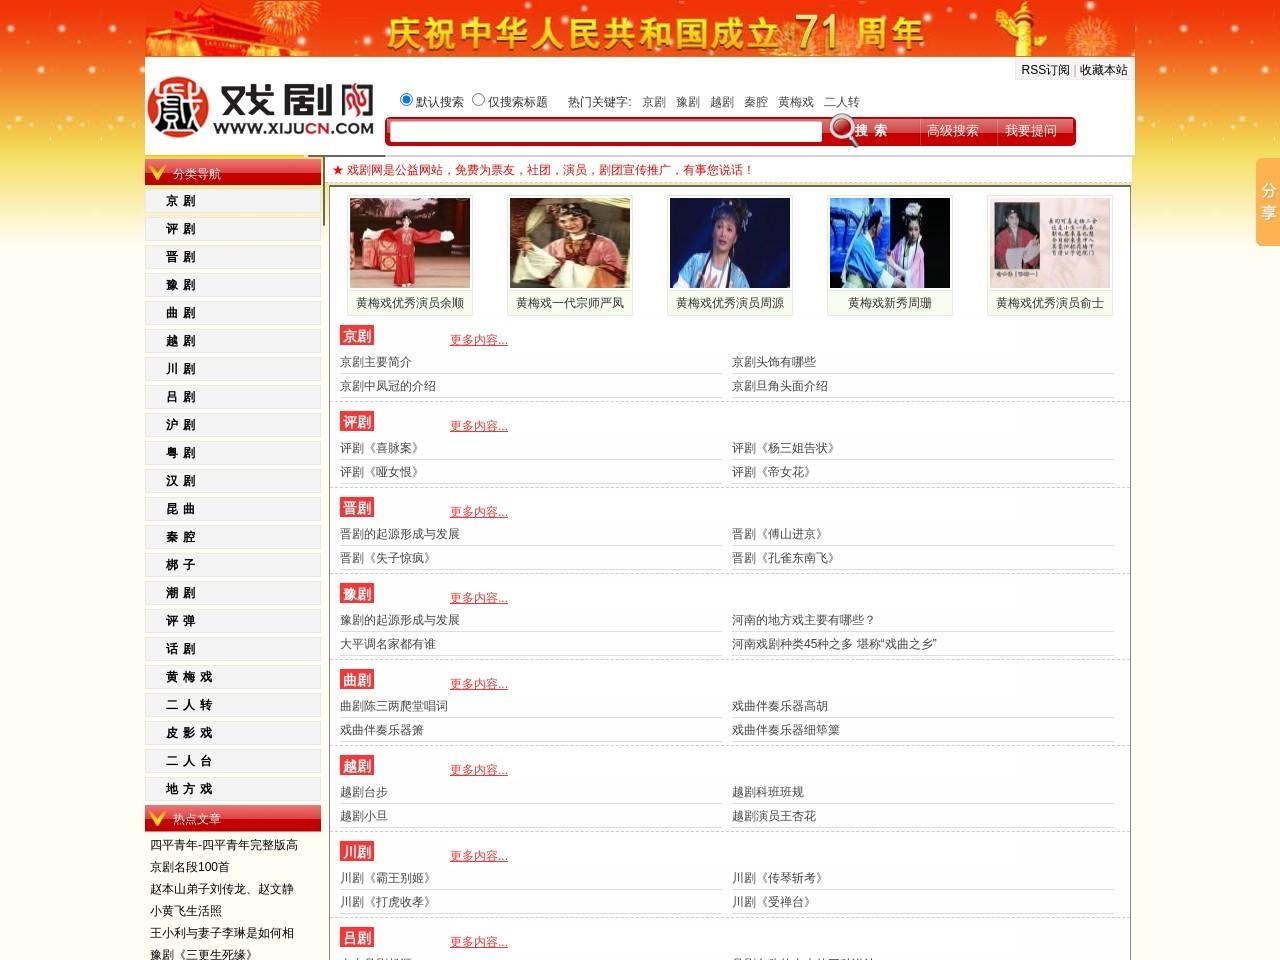 中国戏剧网